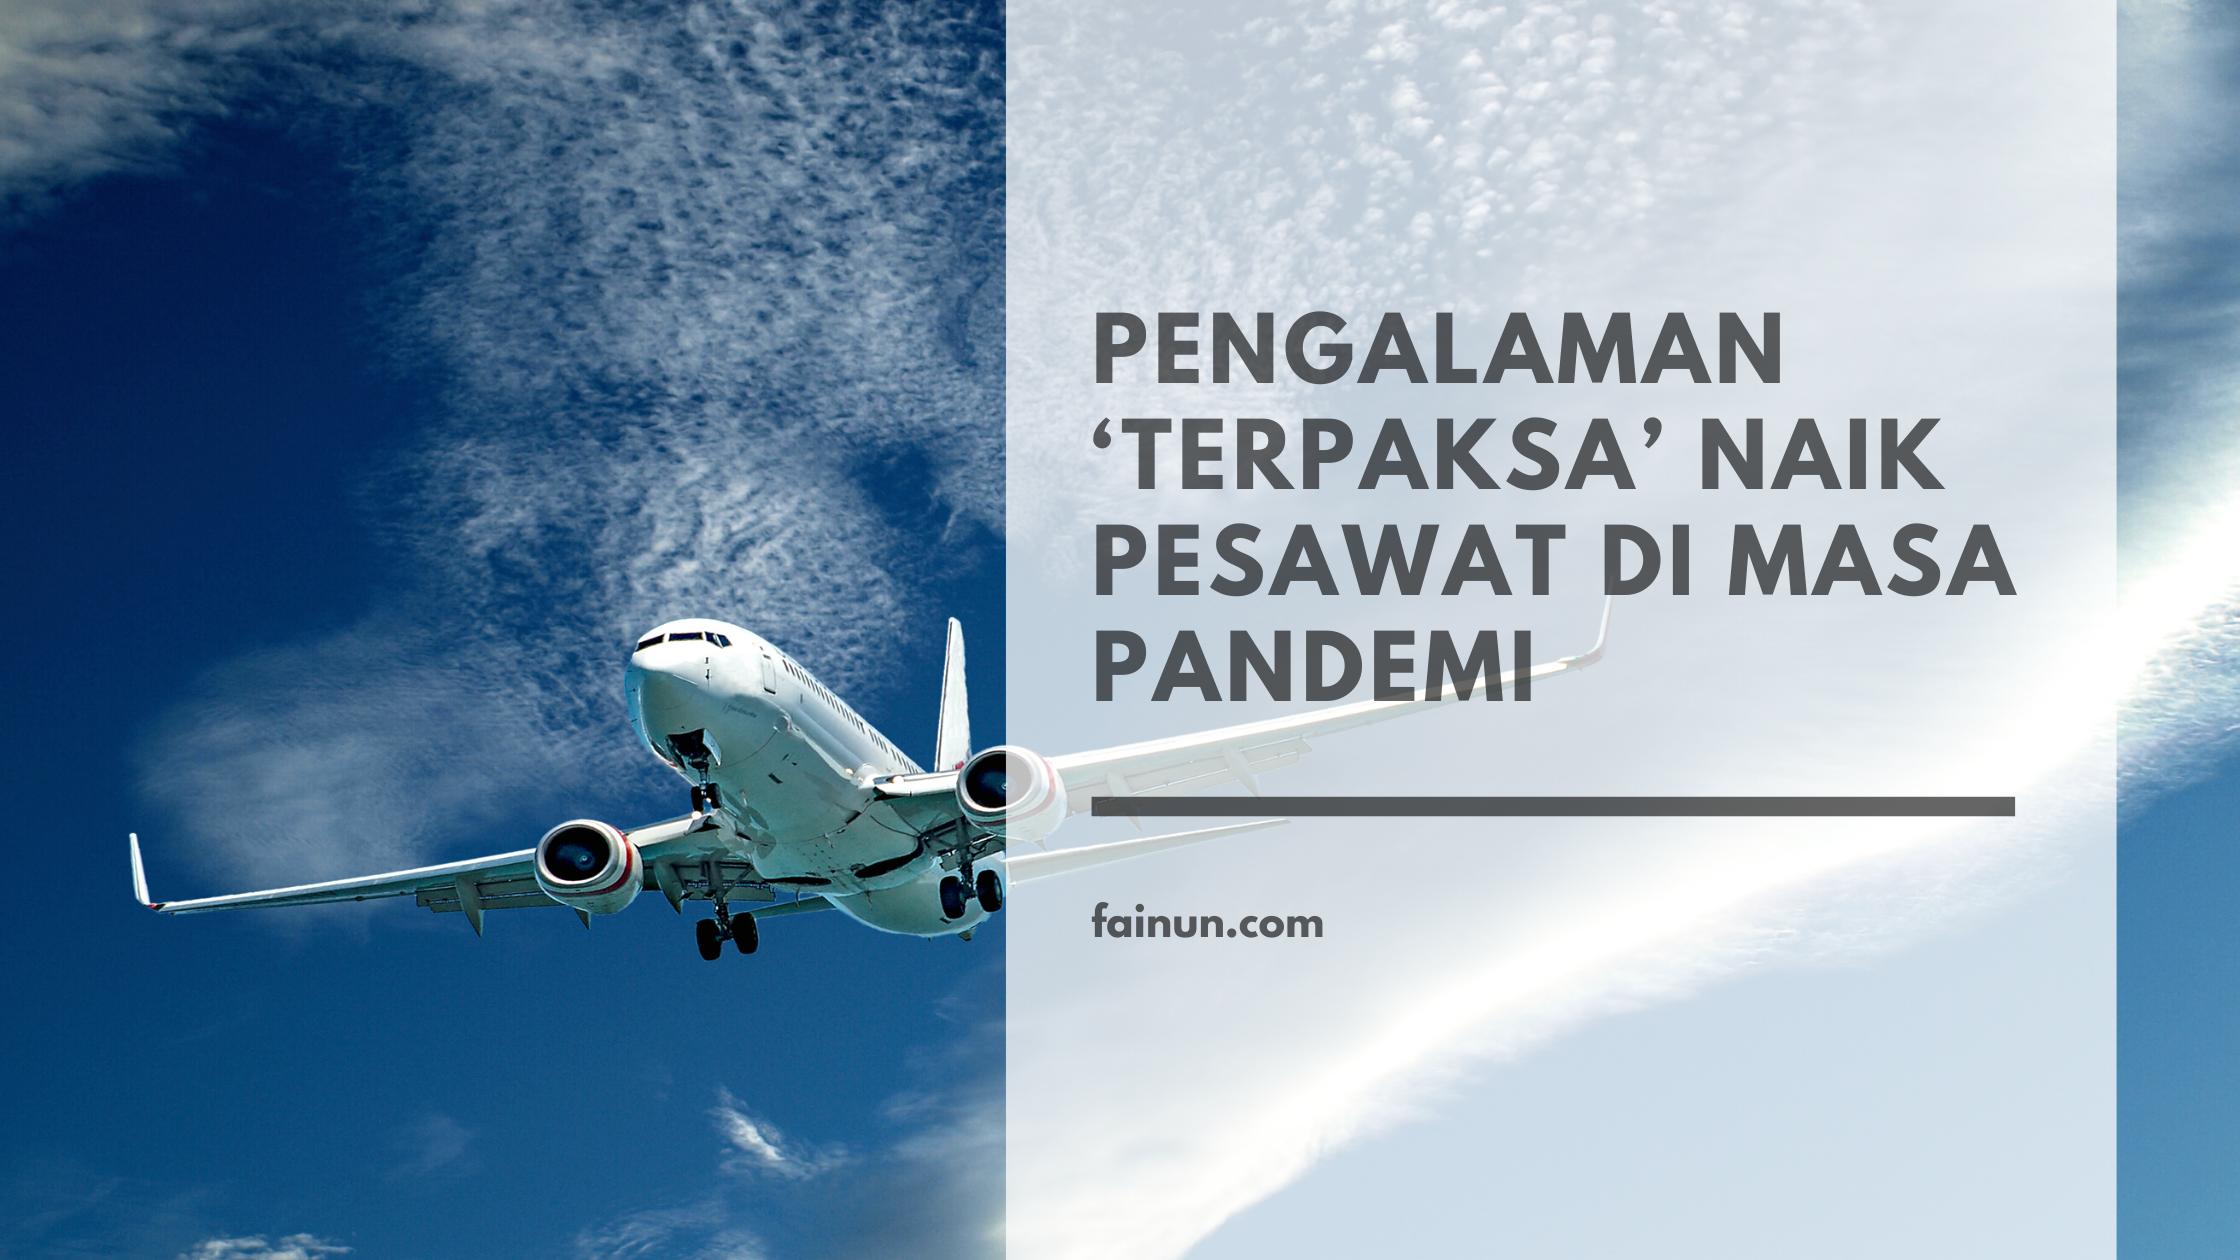 Pengalaman penerbangan naik pesawat di masa pandemi